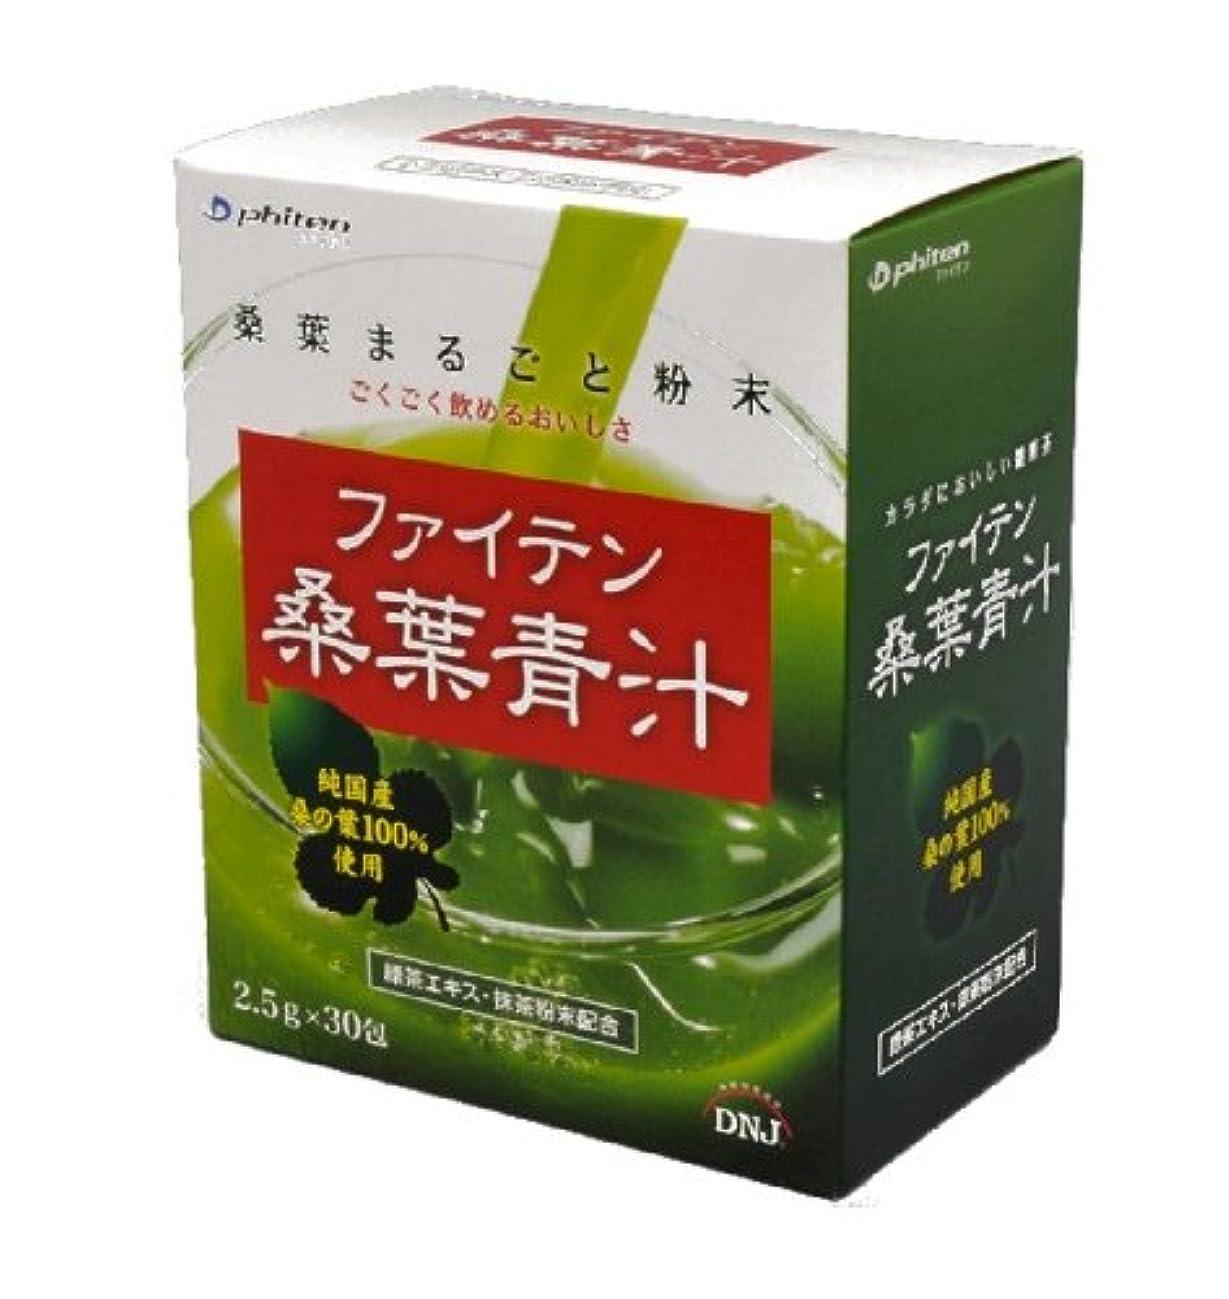 境界農学僕のファイテン(phiten) 桑葉青汁 2.5gX30包 0609EG420000